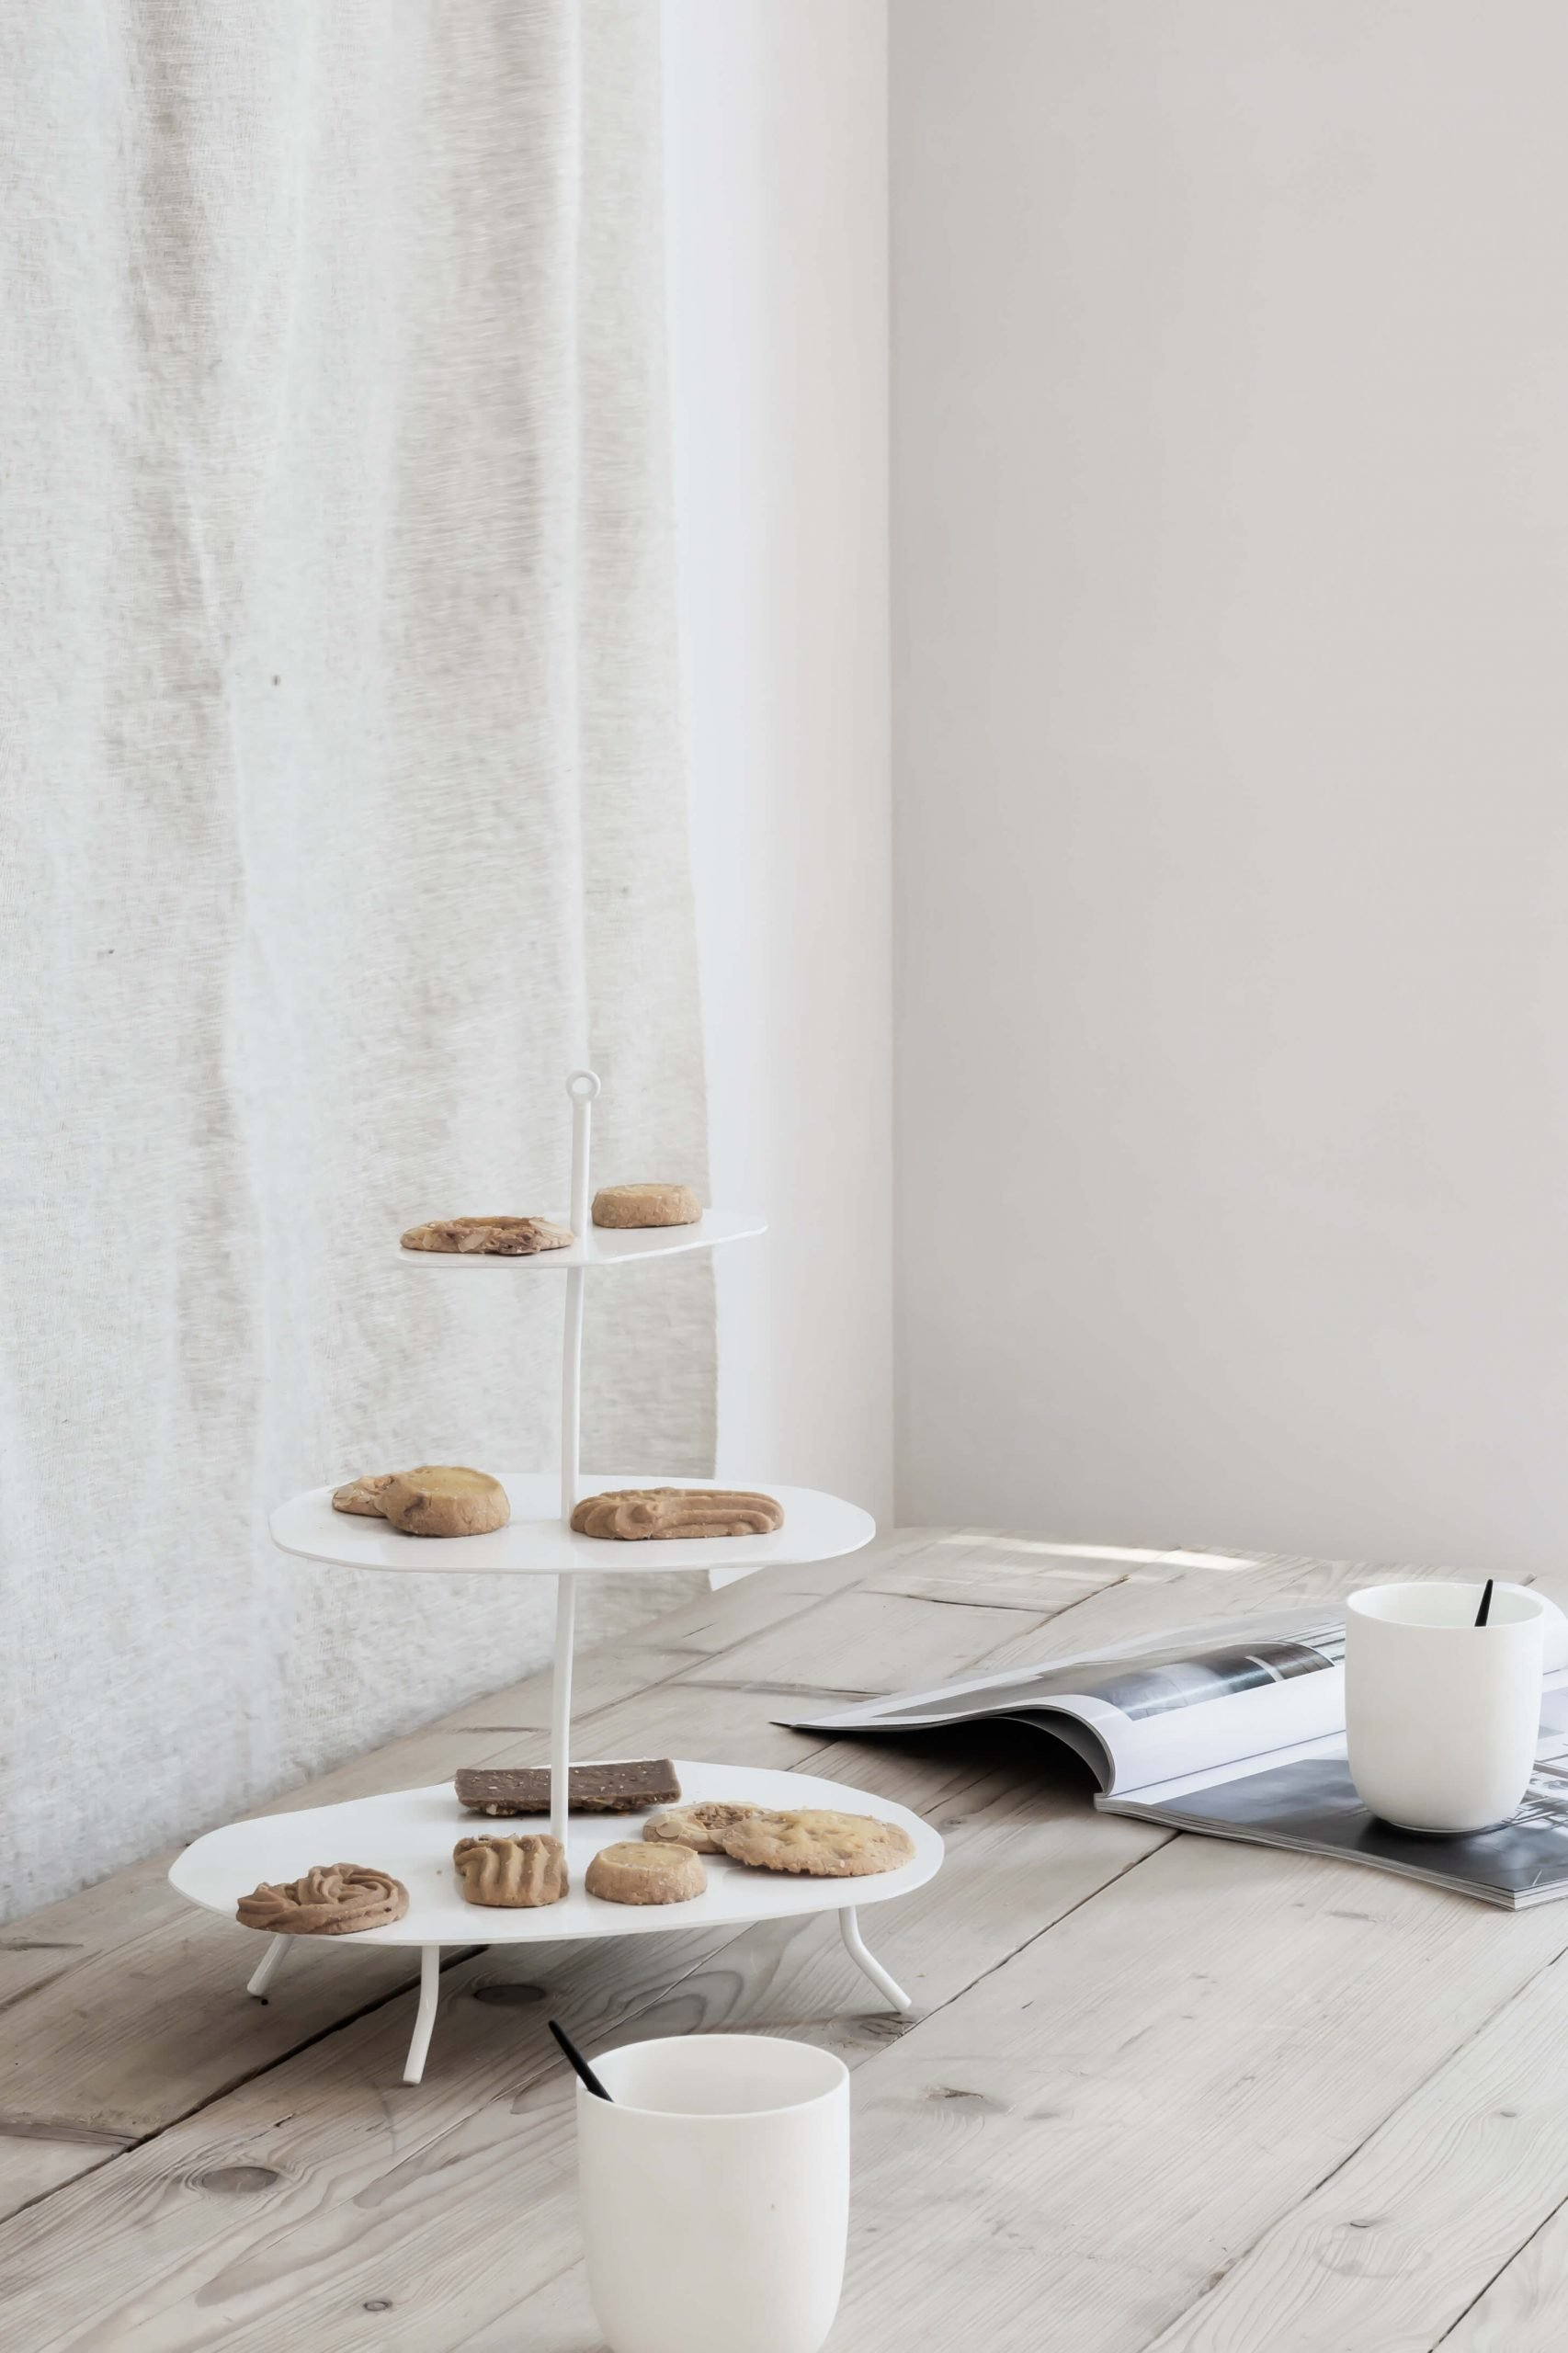 K'willeminhuis etagere zwart wit metaal design Studio Perspective